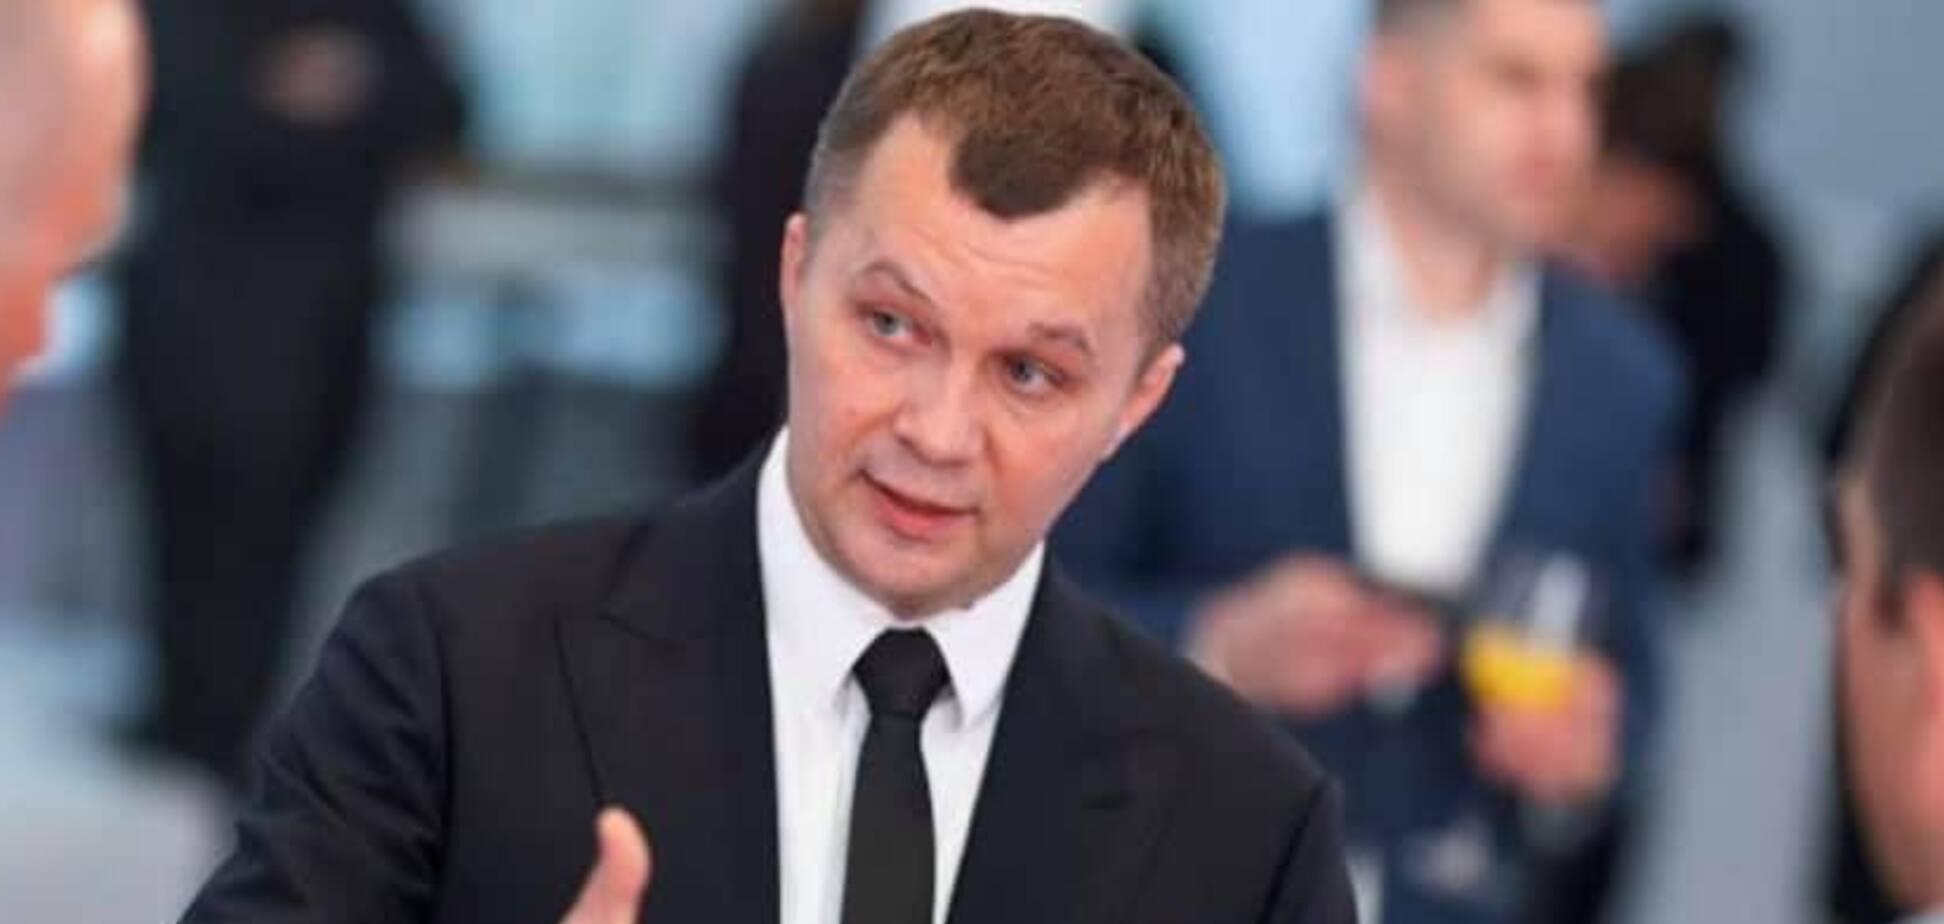 Милованов заявил, что КШЭ аннулирует контракт с 'Укроборонпромом' и сделает аналитику бесплатно